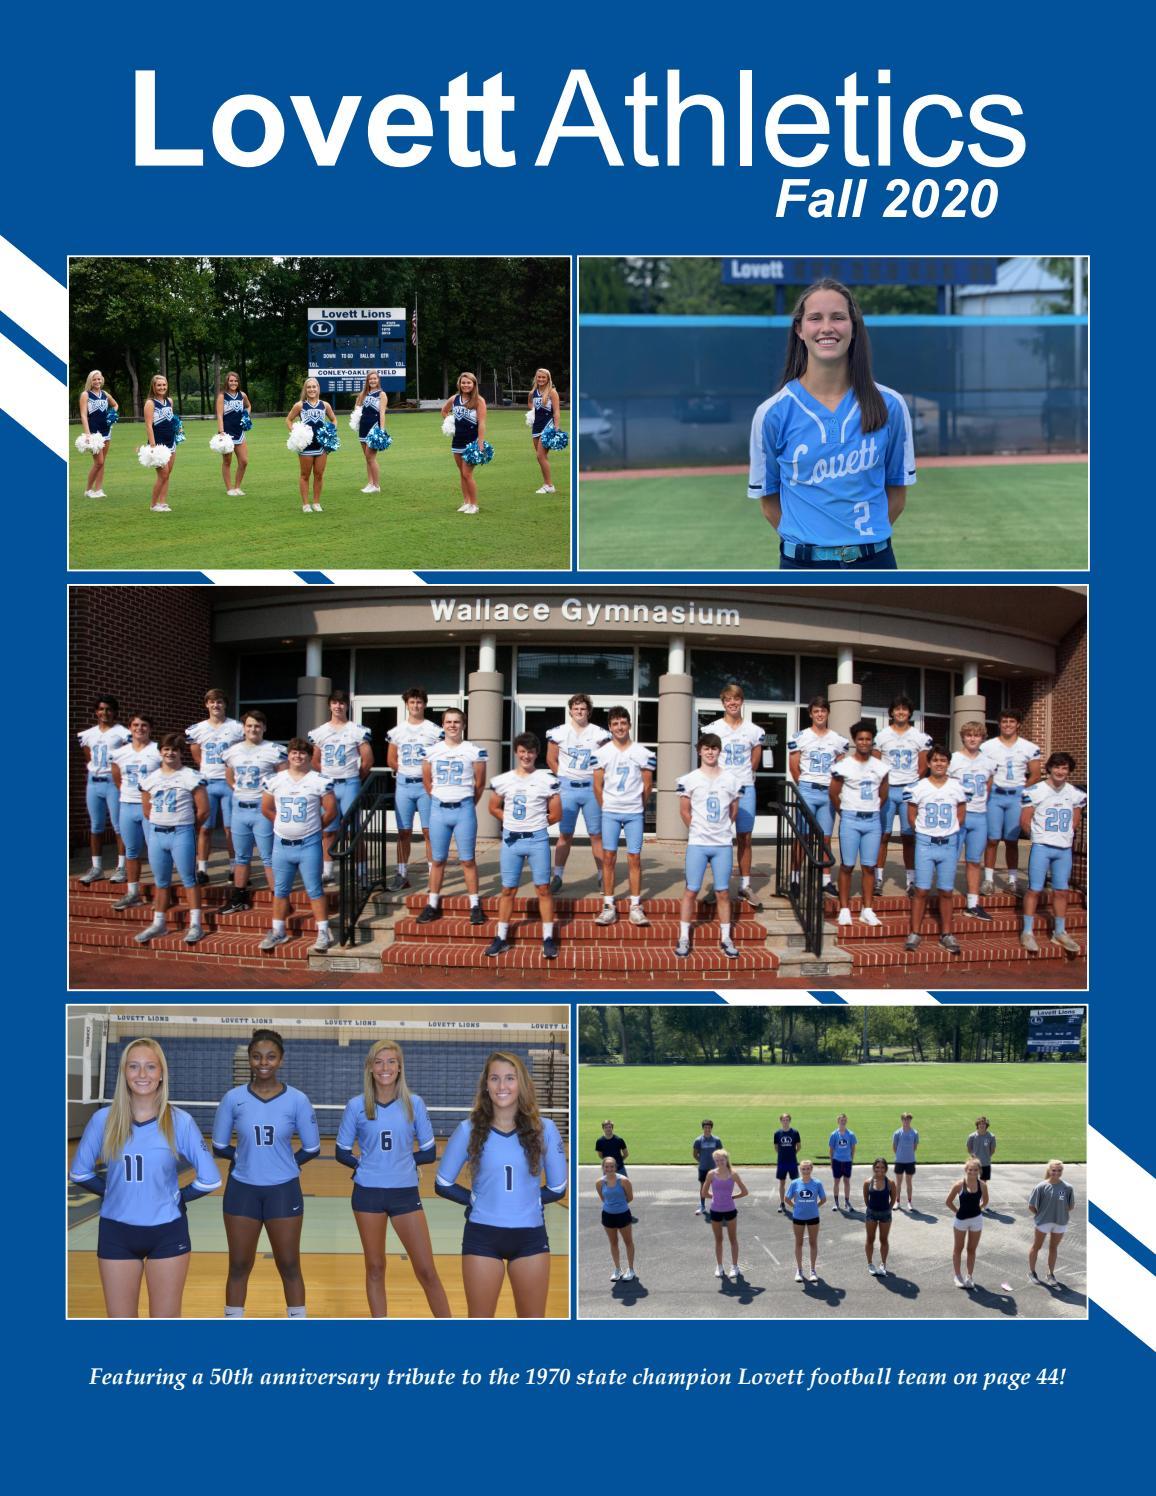 Lovett Athletics | Fall 2020